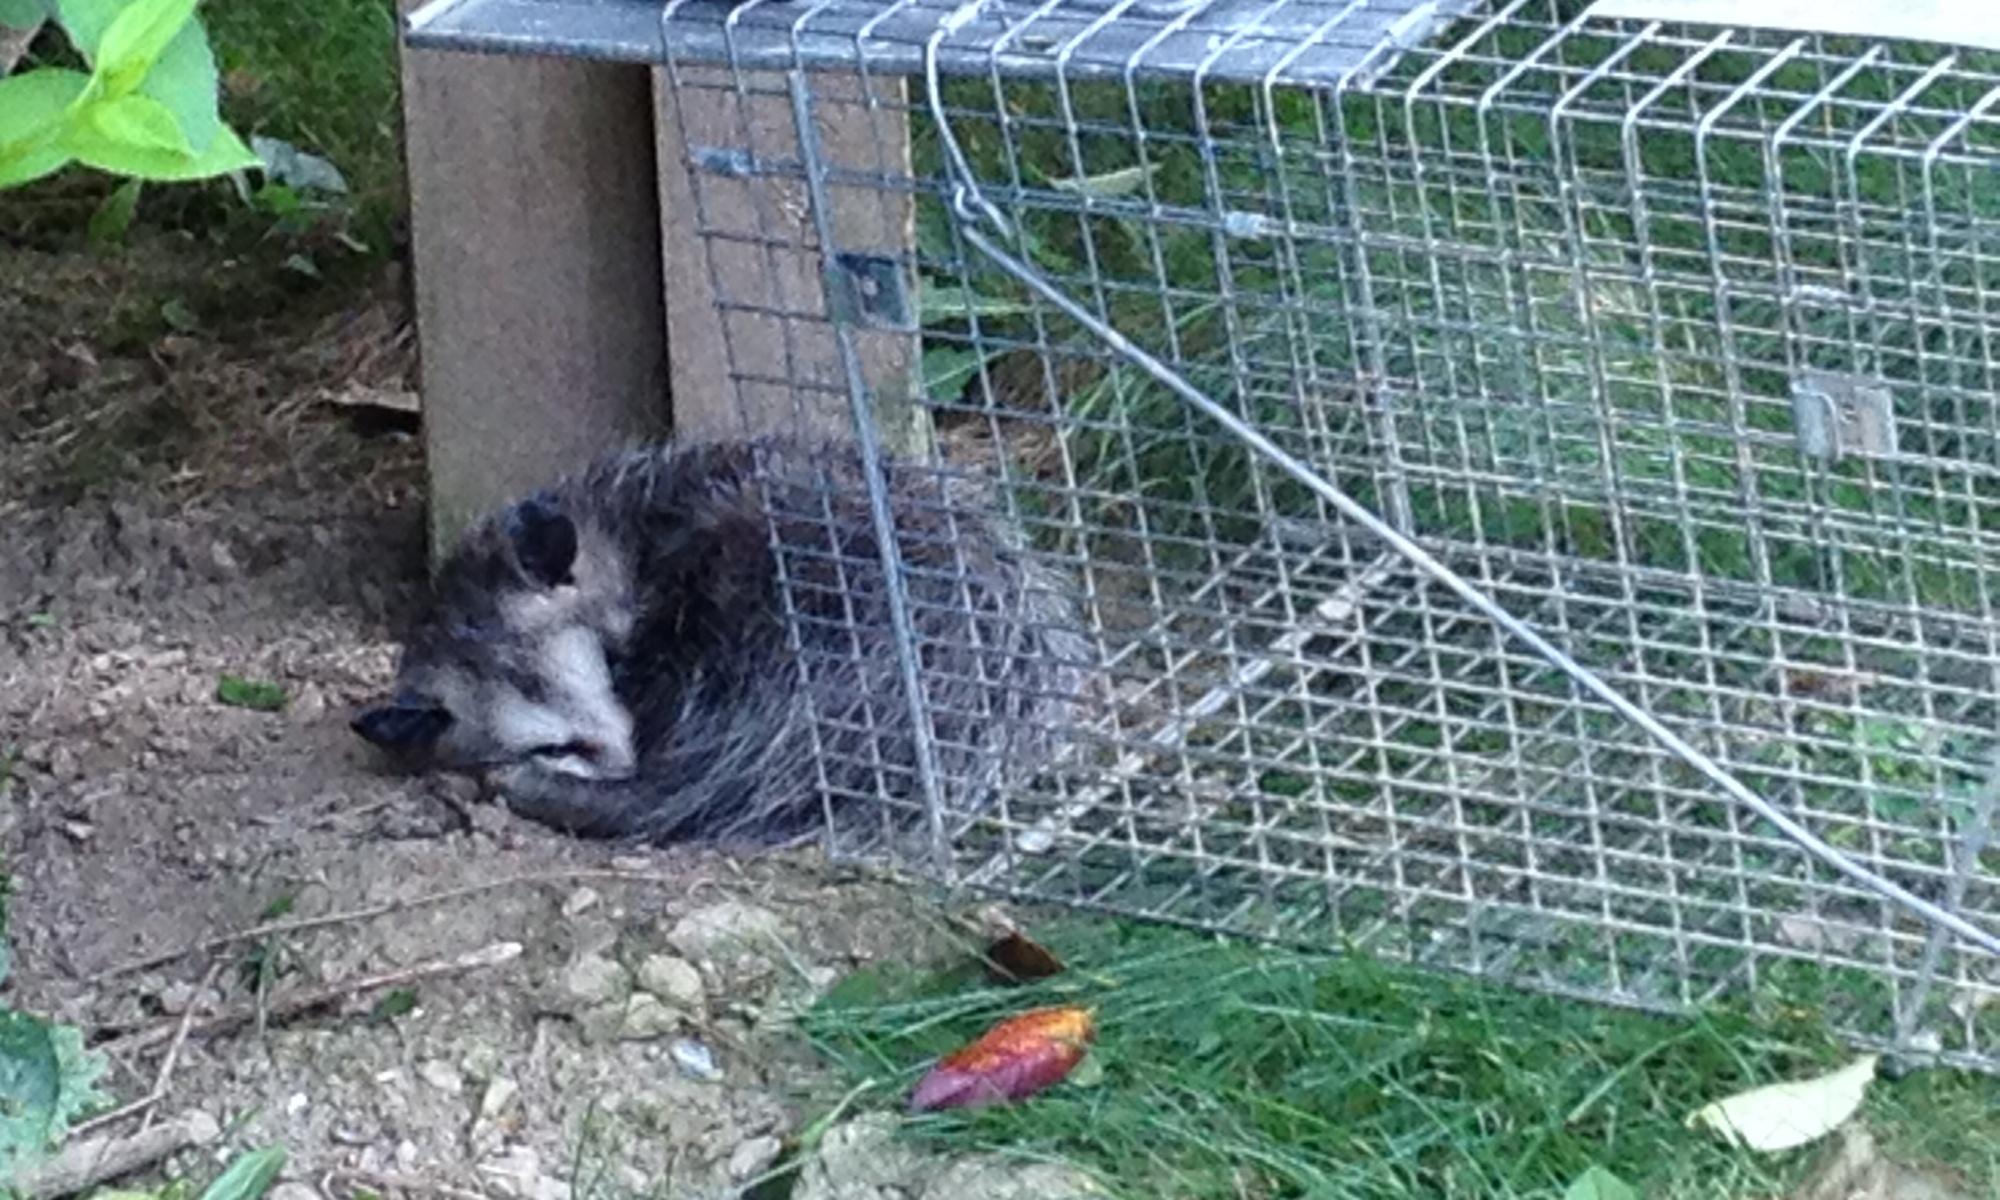 An opossum in my garden varmint cage